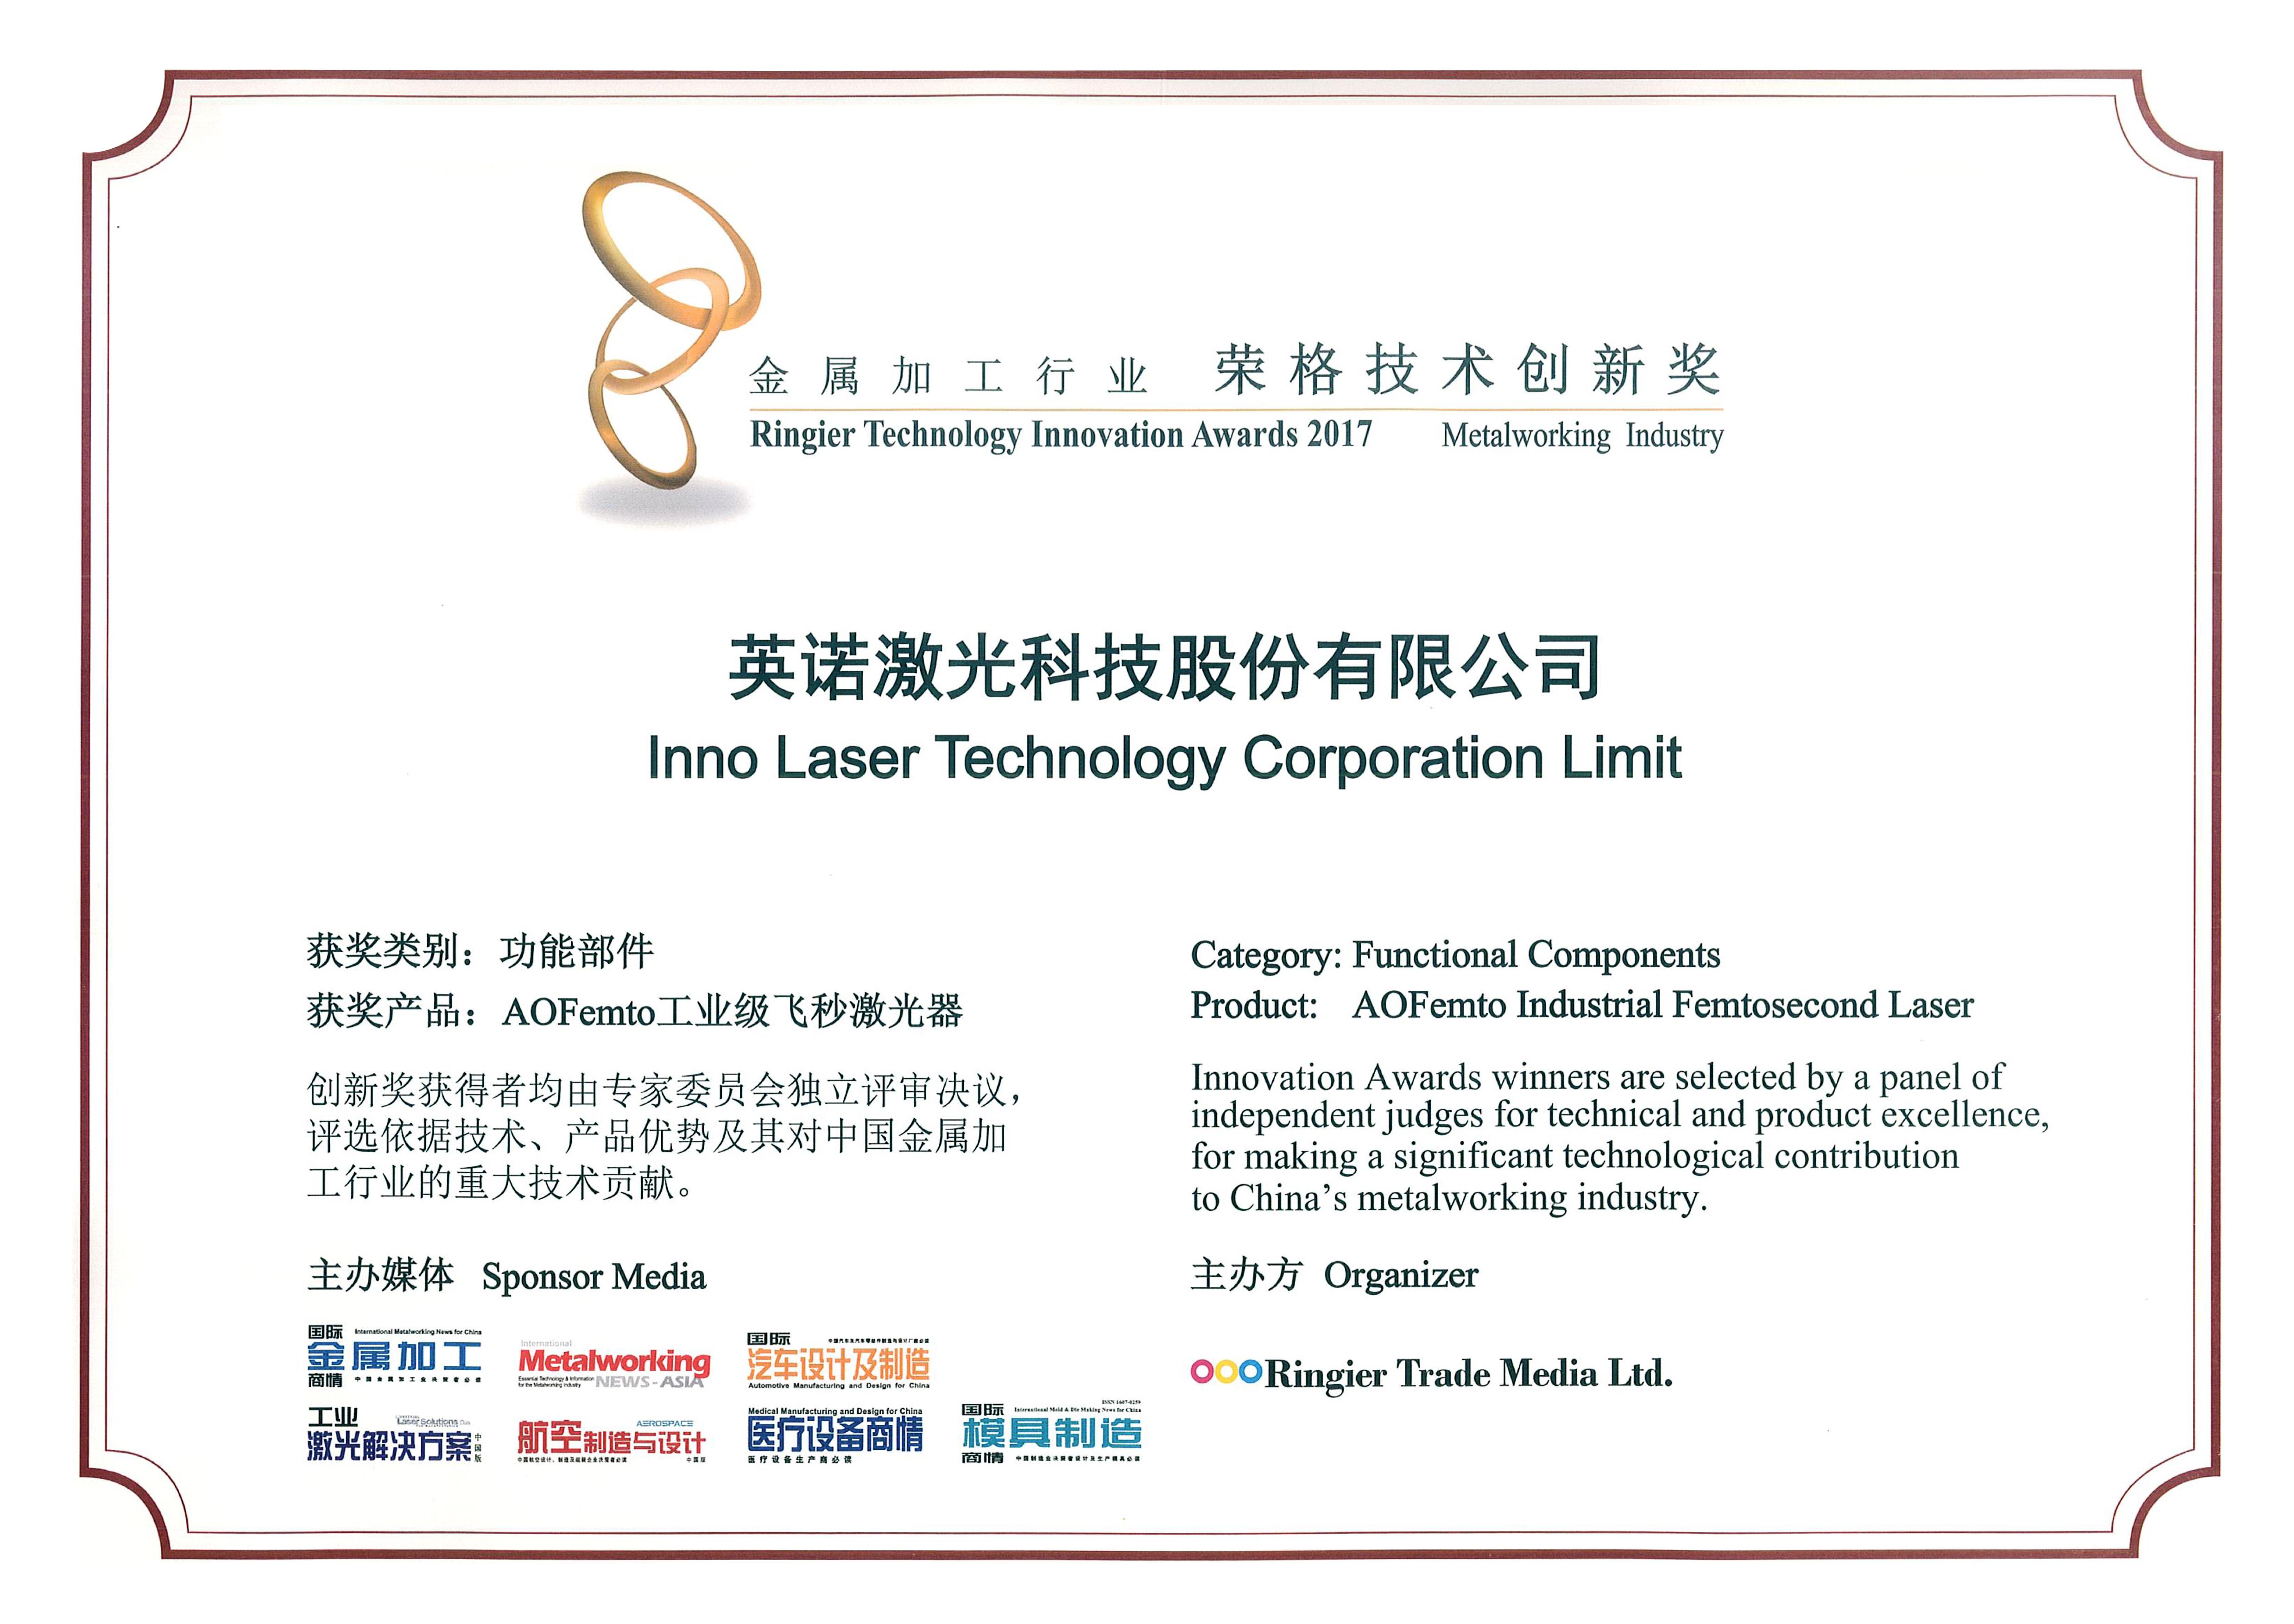 荣格技术创新奖(工业级飞秒激光器)2017年3月